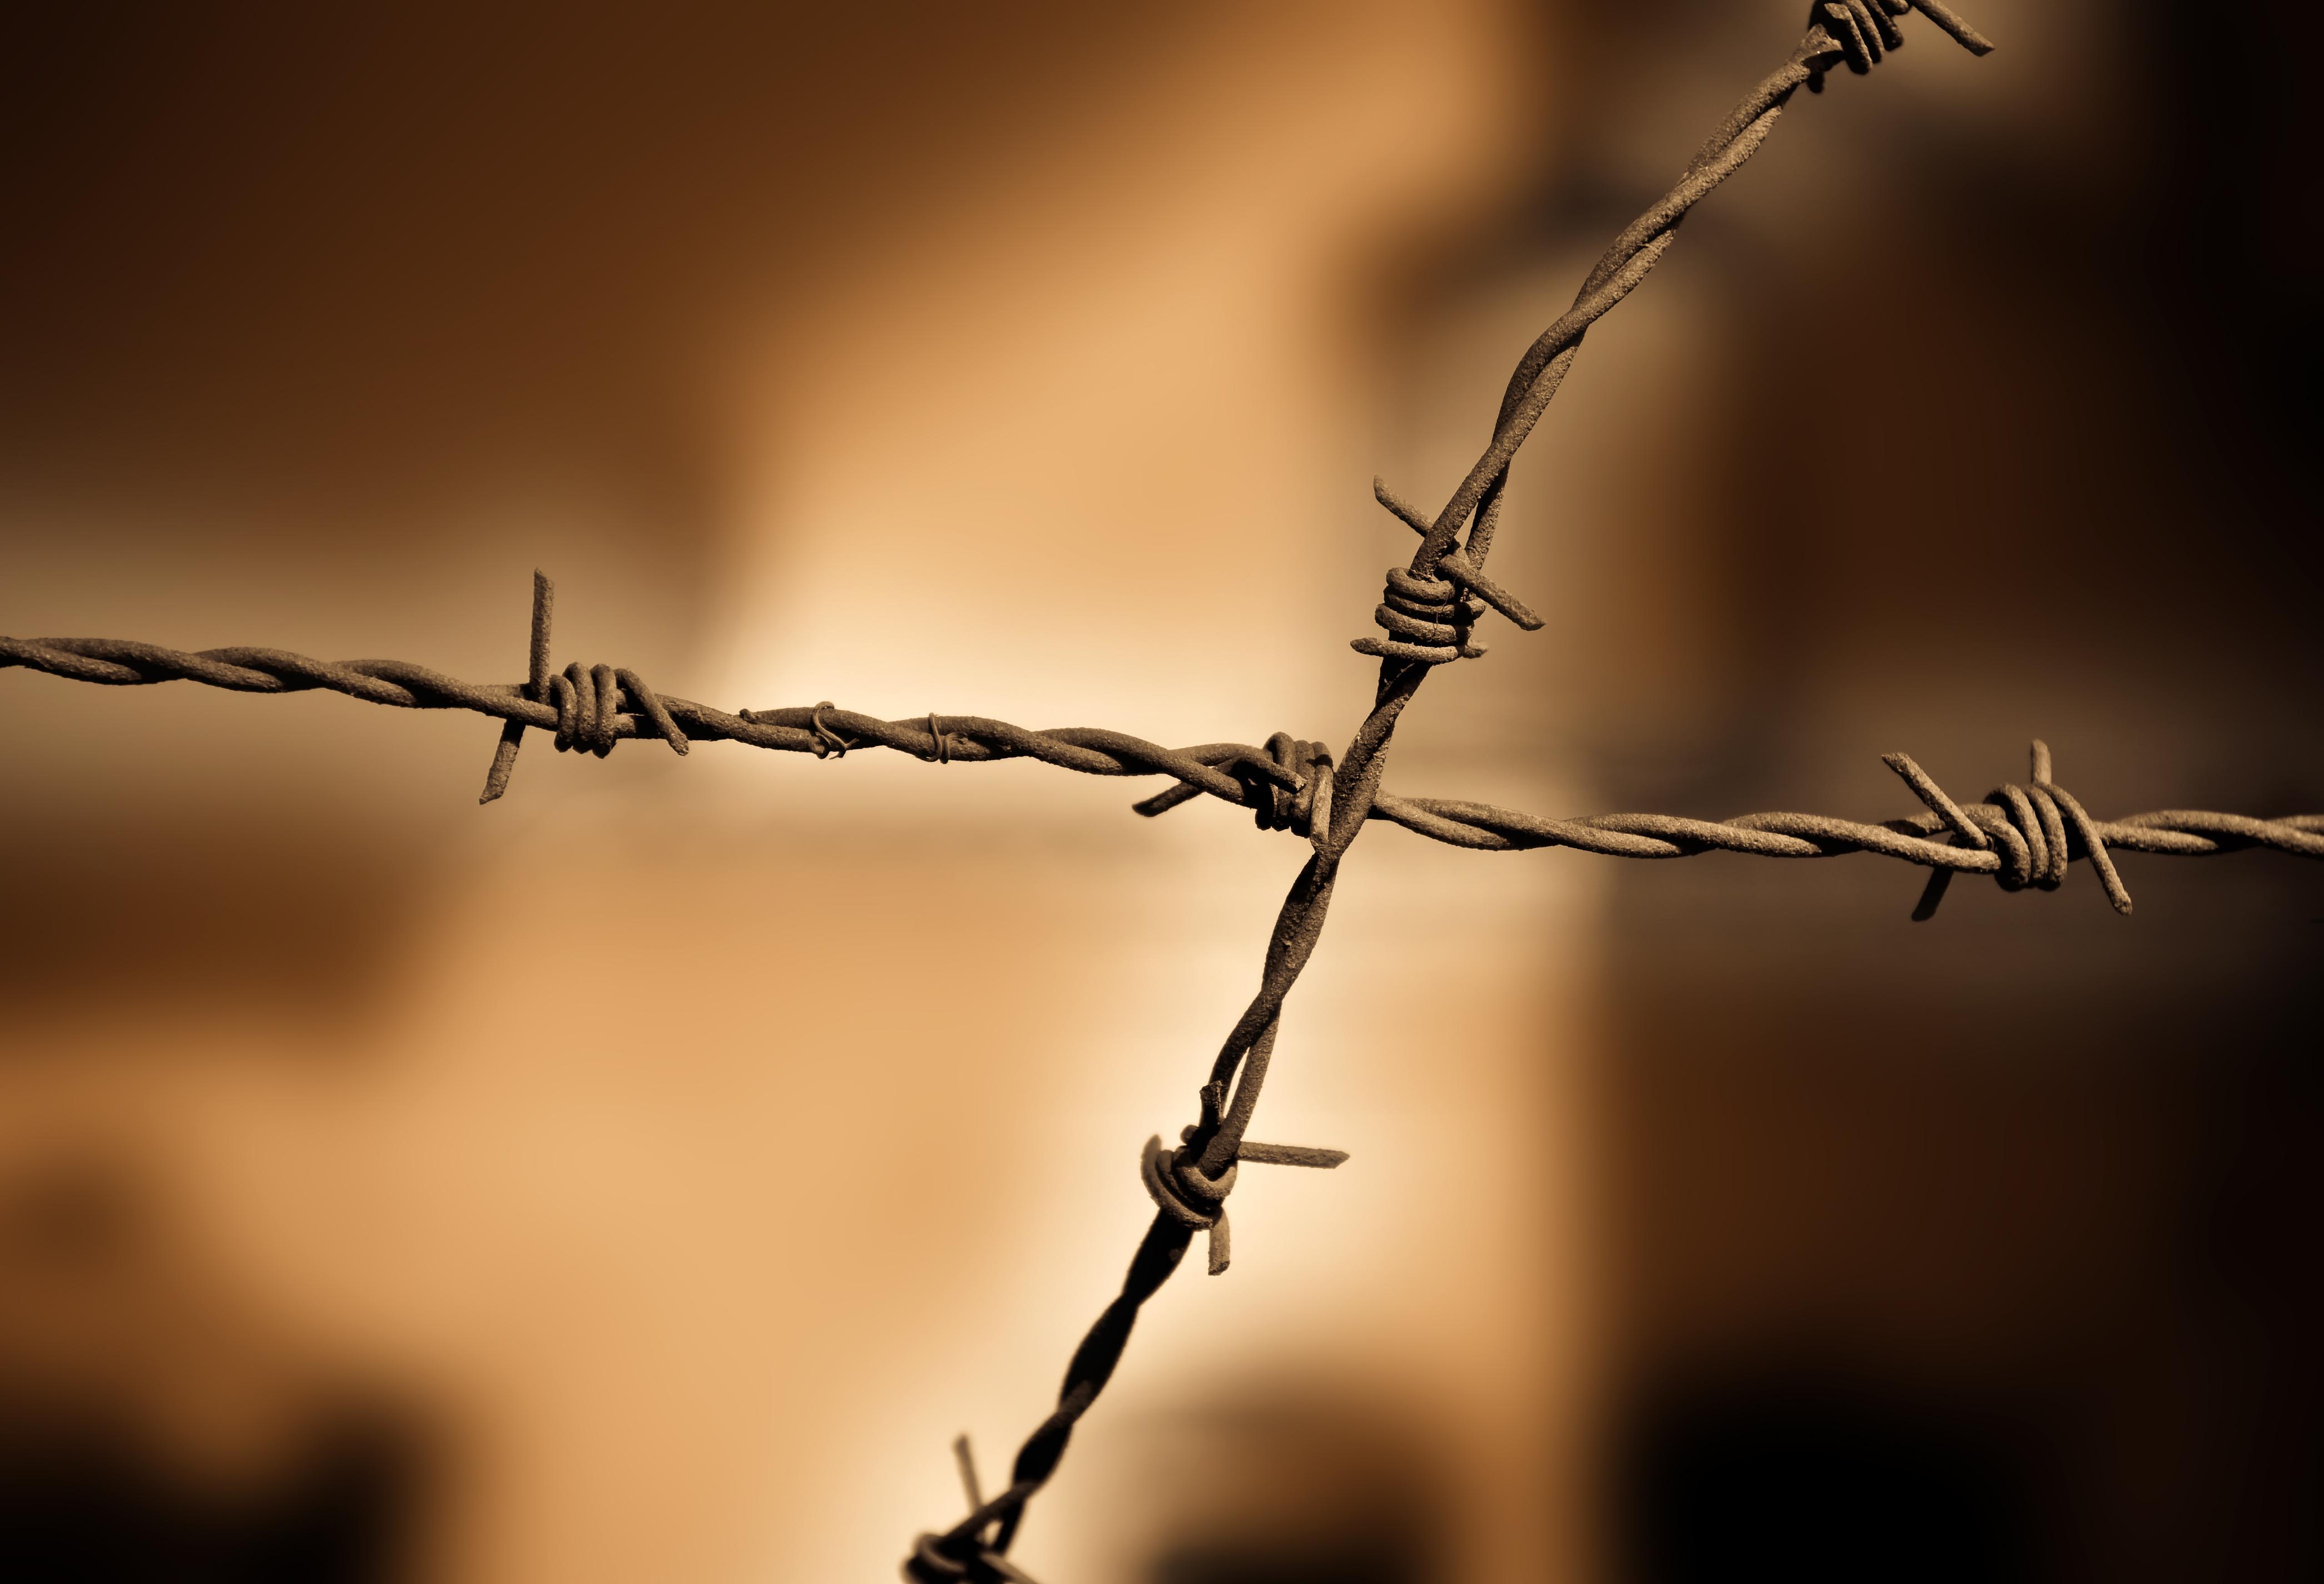 """1046590 42541227 - Za křesťanskými """"mantrami"""" se skrývá nezájem o pravdu"""